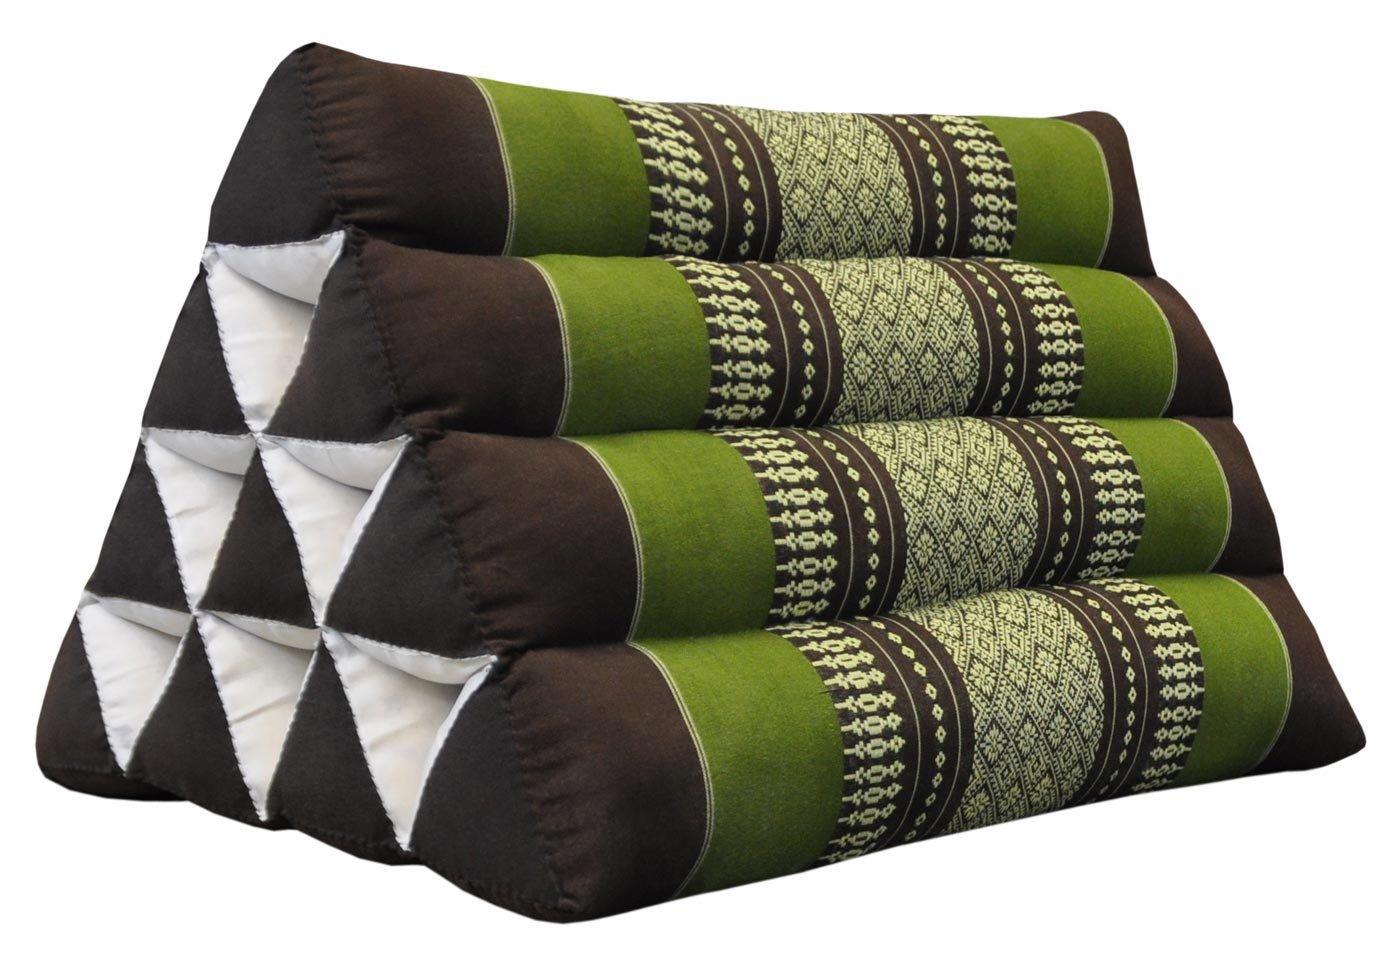 Thai triangular cushion, brown/green, relaxation, beach, kapok, made in Thailand. (82000)